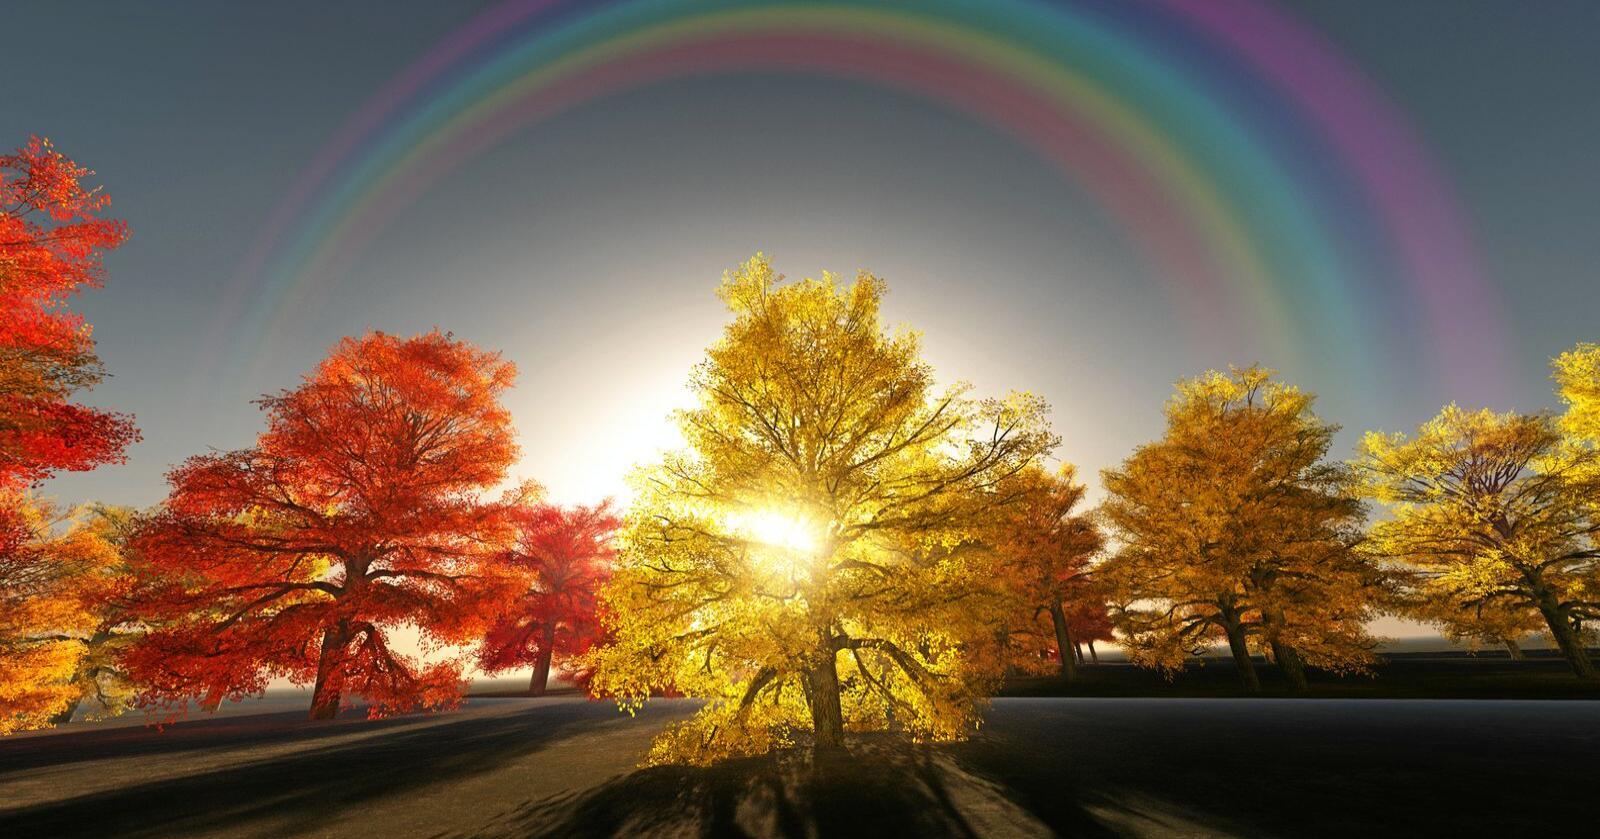 Over regnbuen: Mister vi troen på politikken som middel til å oppfylle drømmen om en bedre og mer rettferdig verden – da er vi ille ute. Foto: Bruce Rolff / Mostphotos